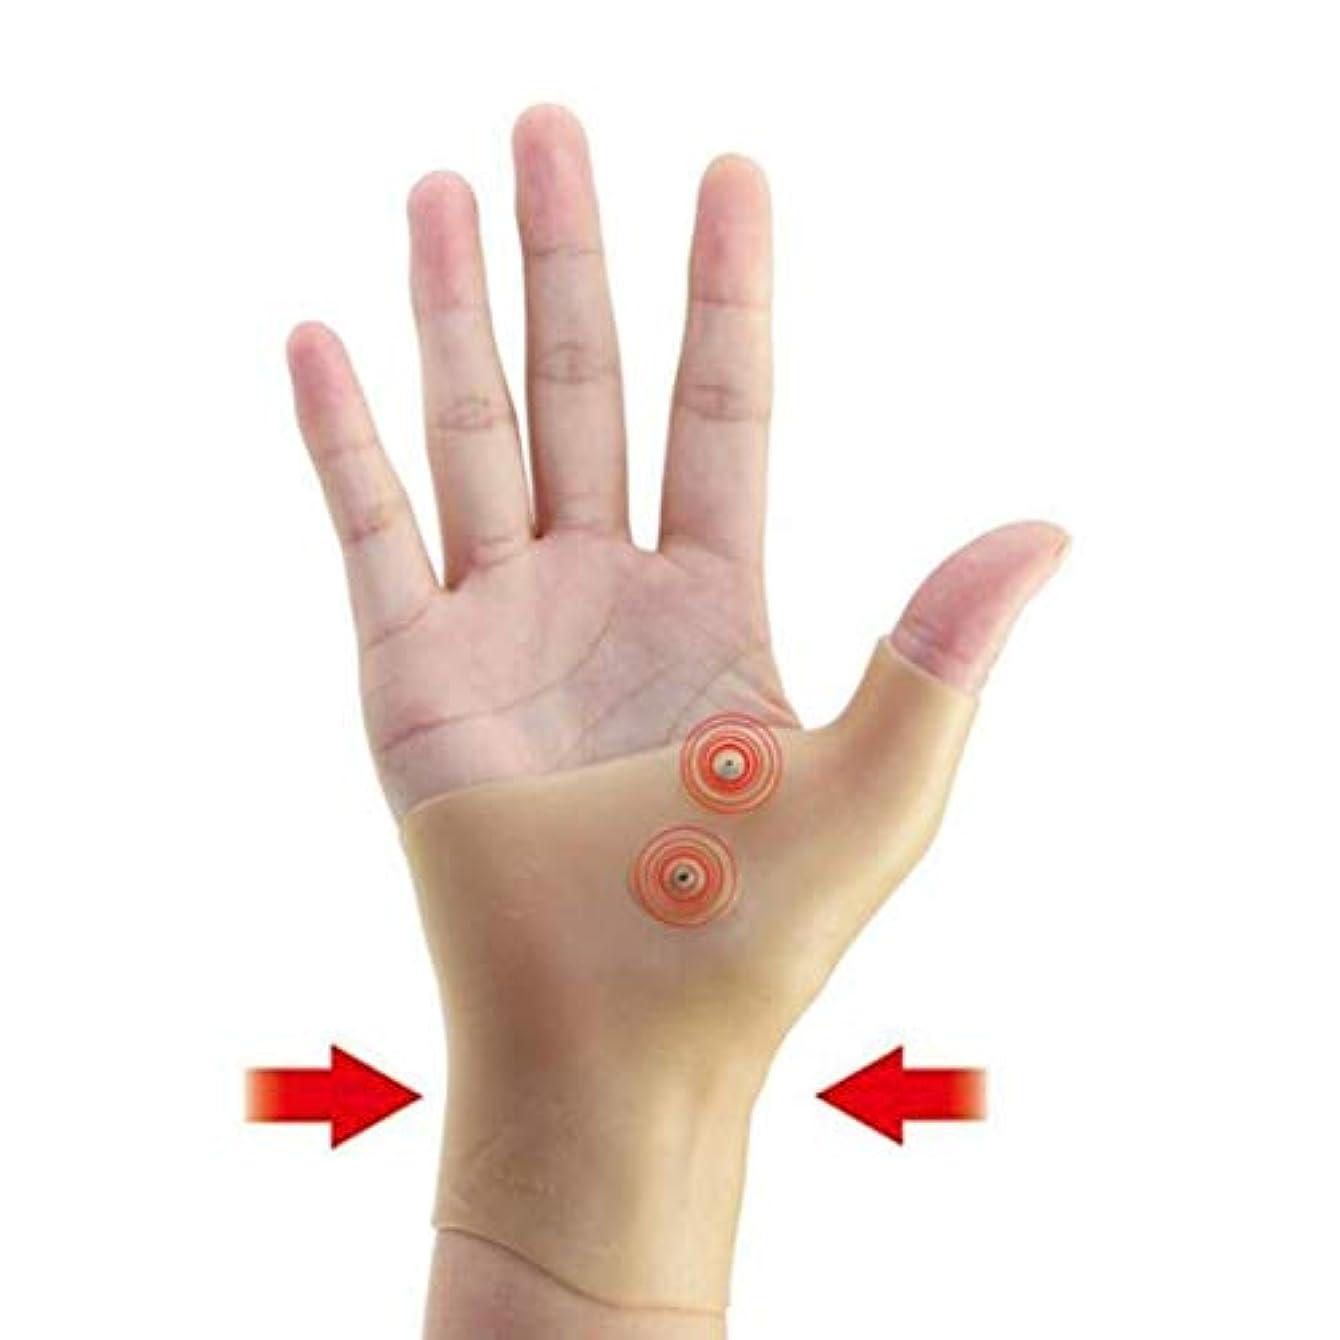 真向こうナチュラル相続人磁気療法手首手親指サポート手袋シリコーンゲル関節炎圧力矯正器マッサージ痛み緩和手袋 - 肌の色